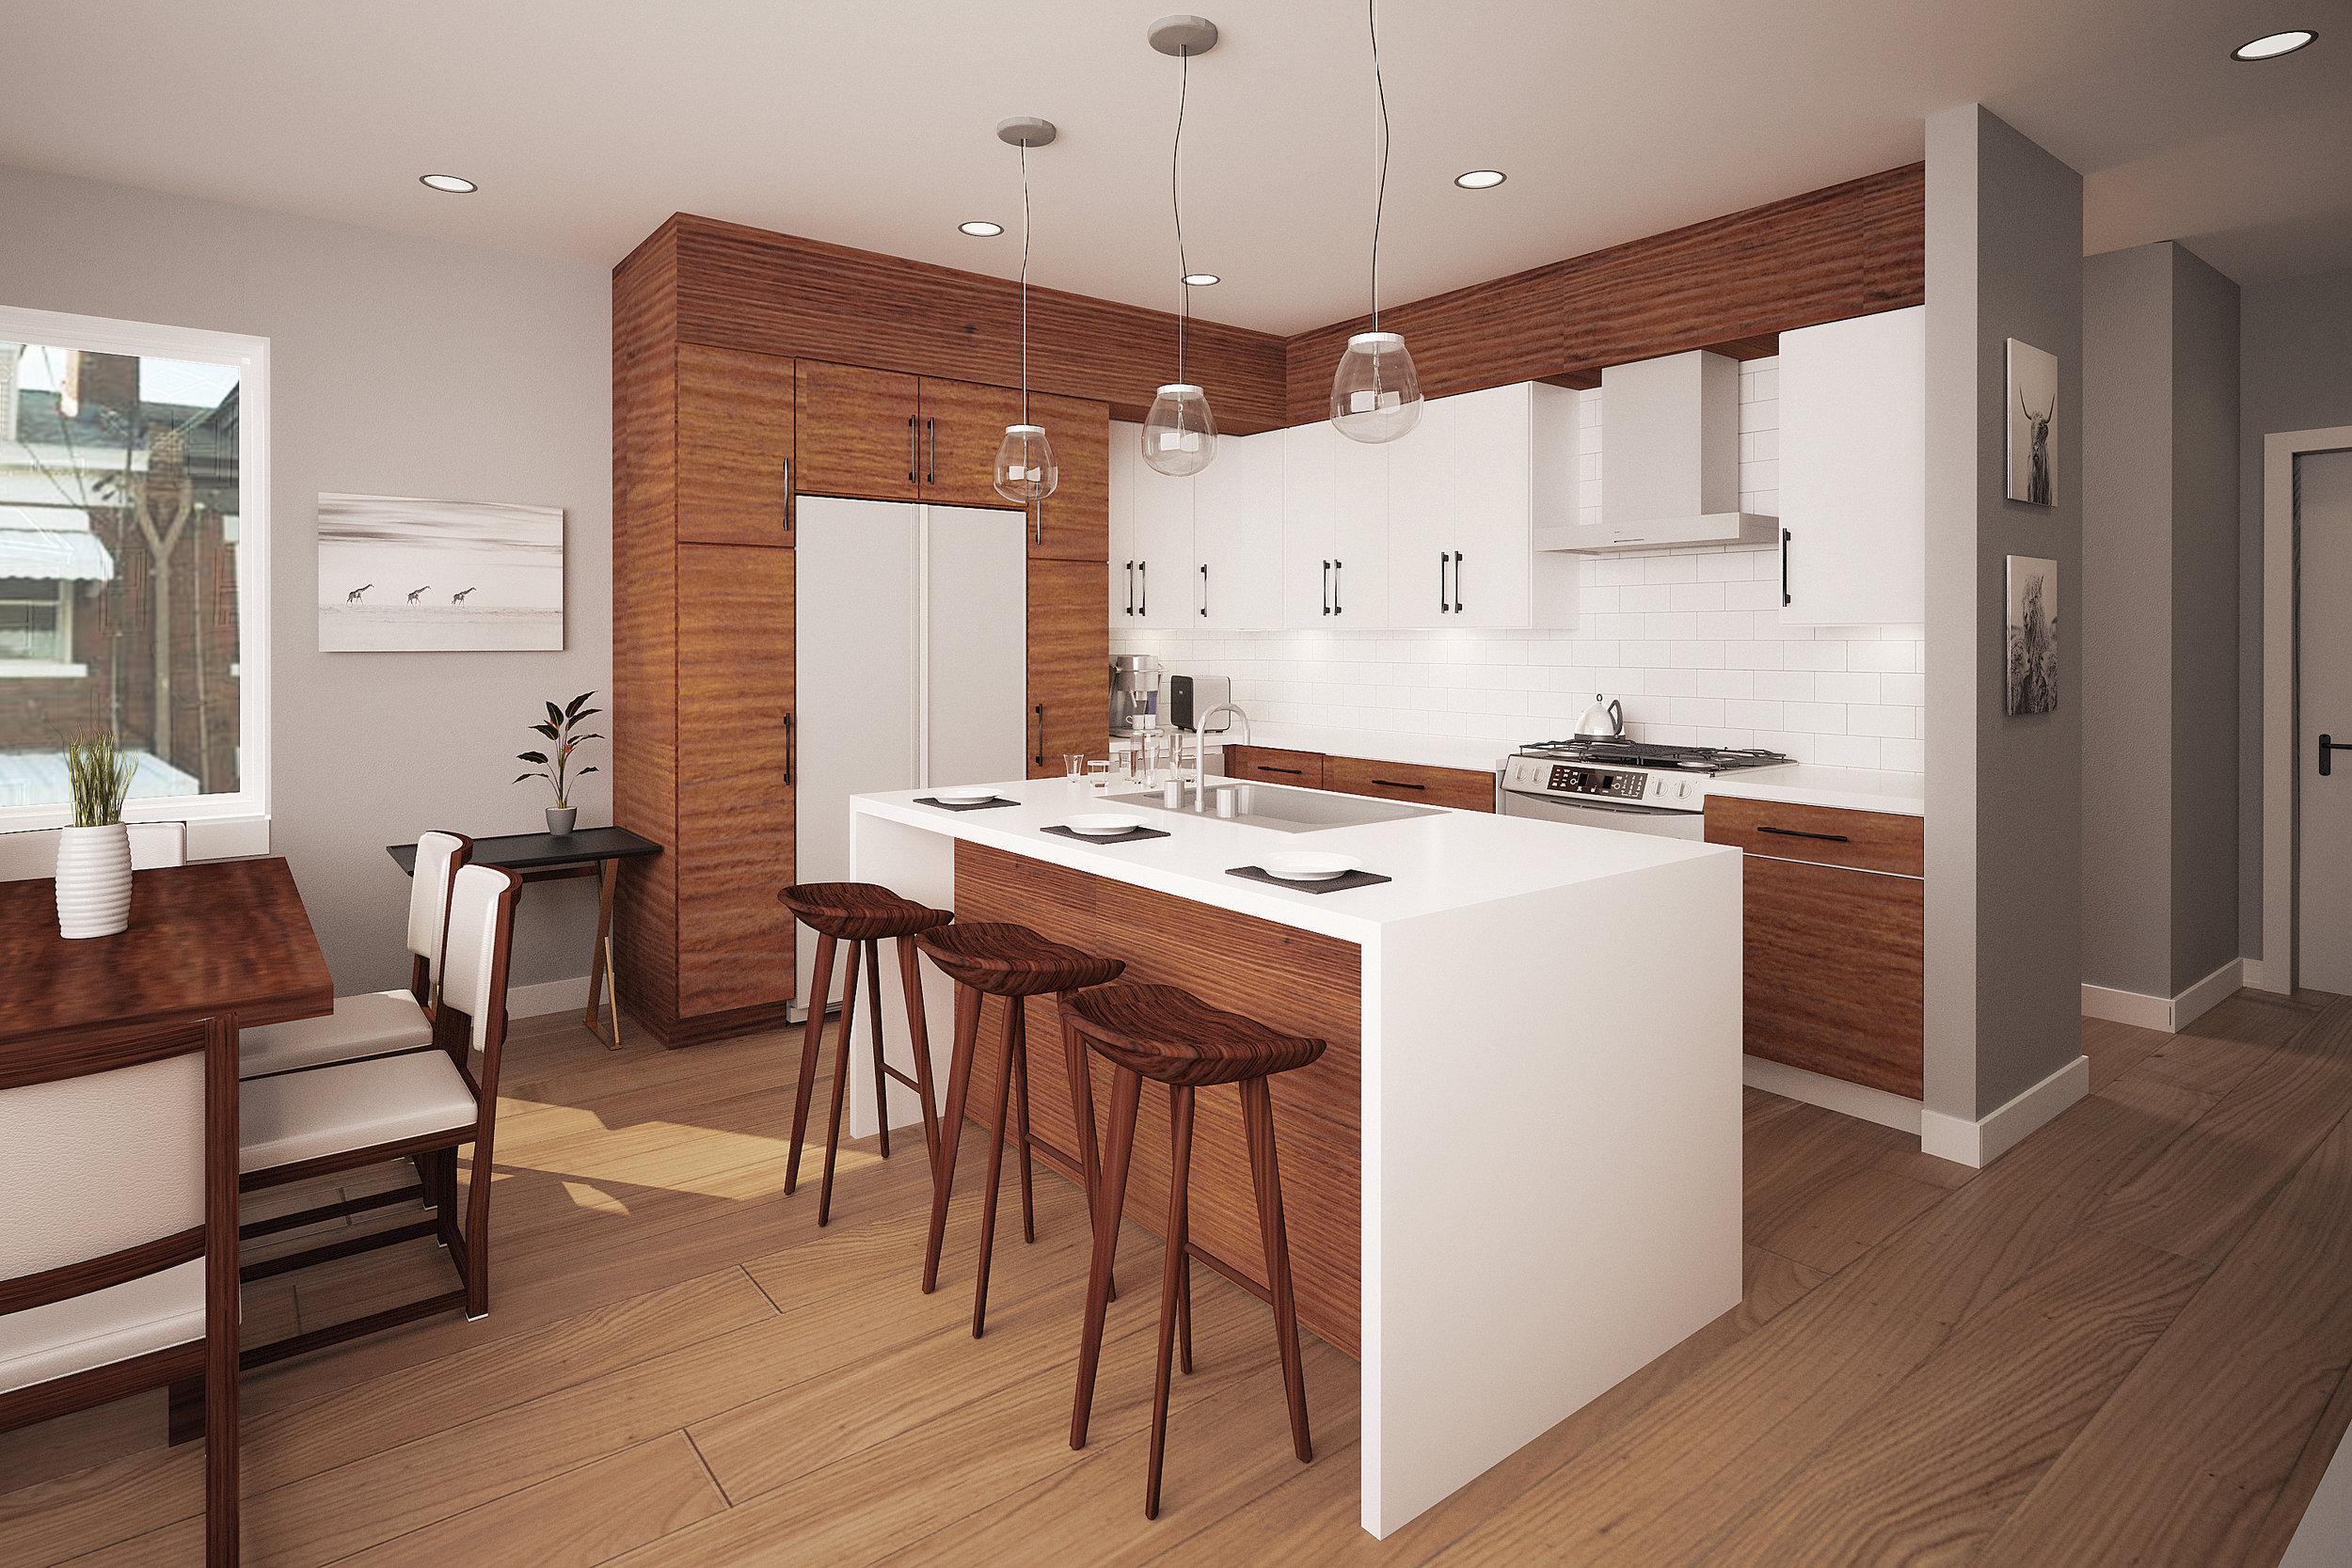 316_Kitchen_02.jpg